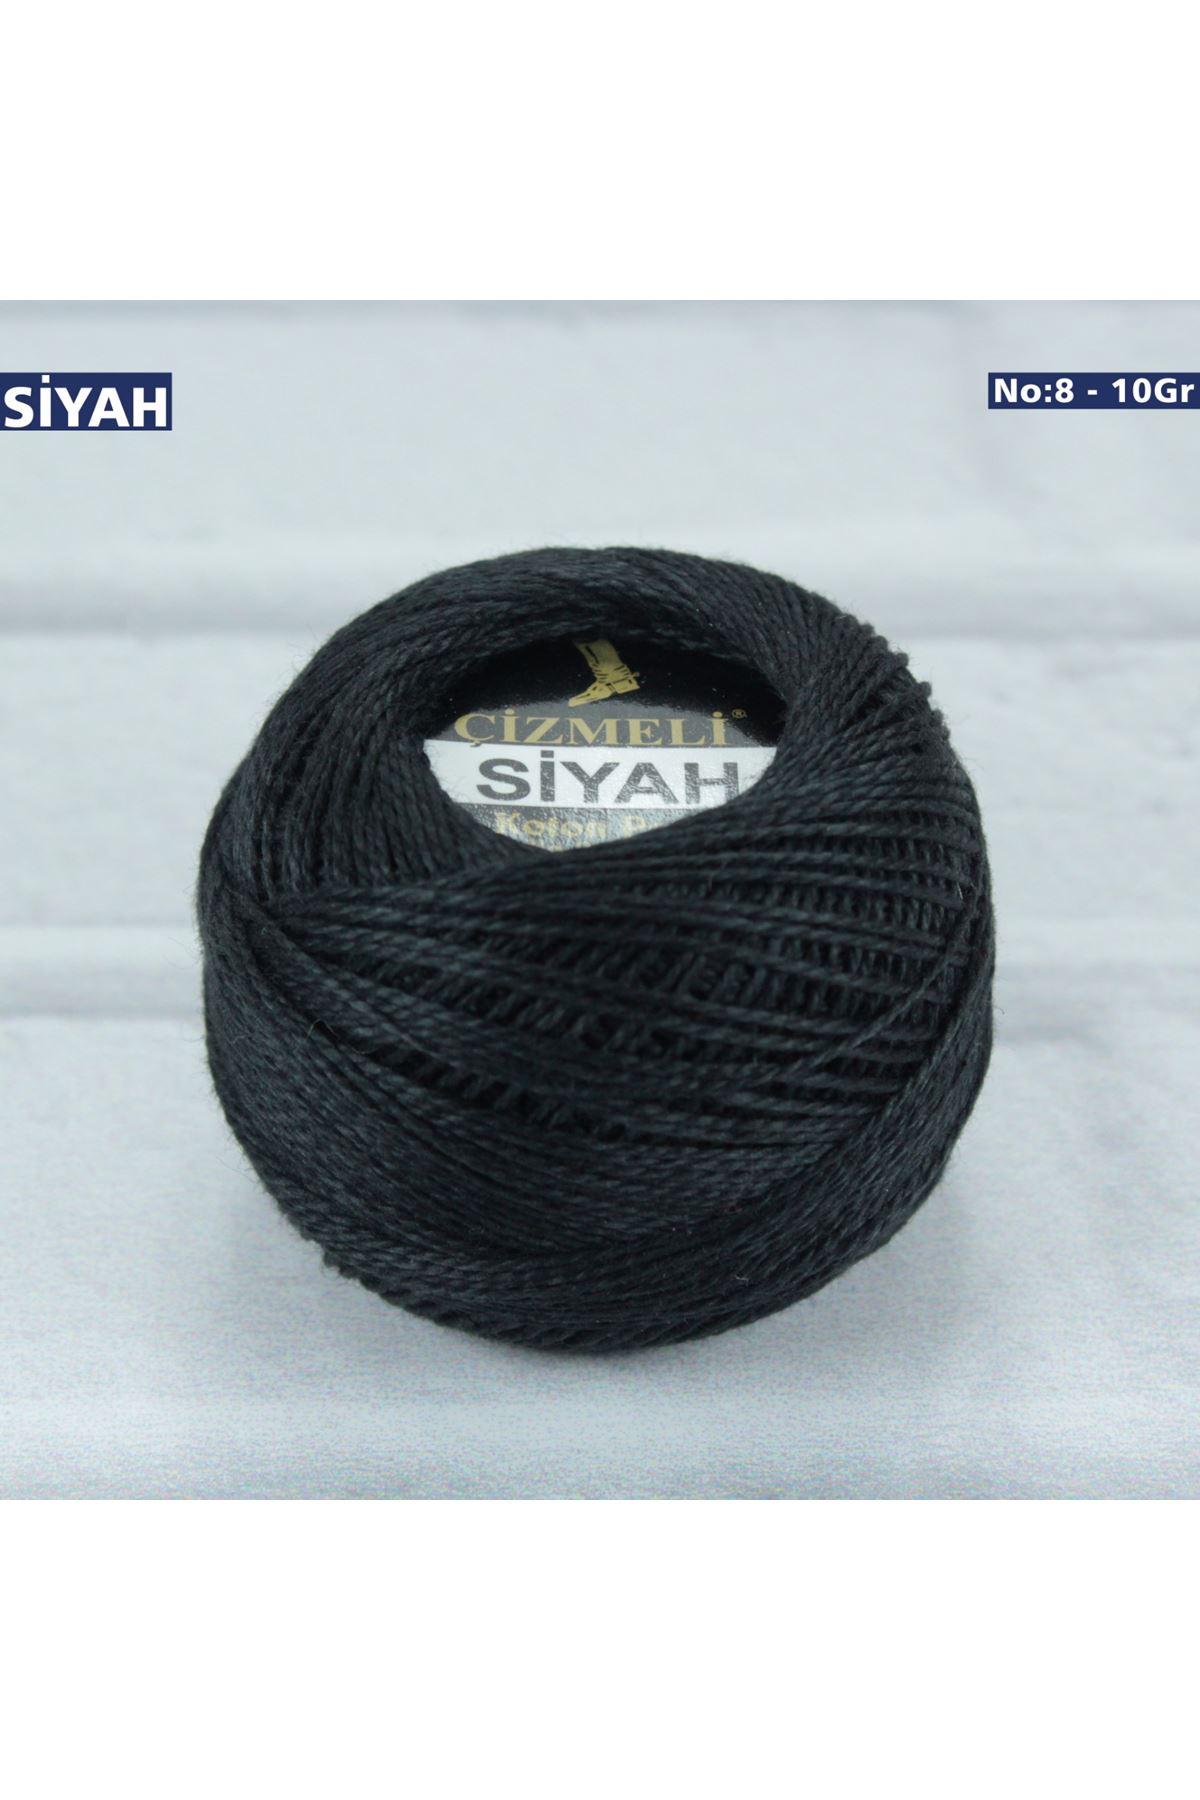 Çizmeli Cotton Perle Nakış İpliği Siyah